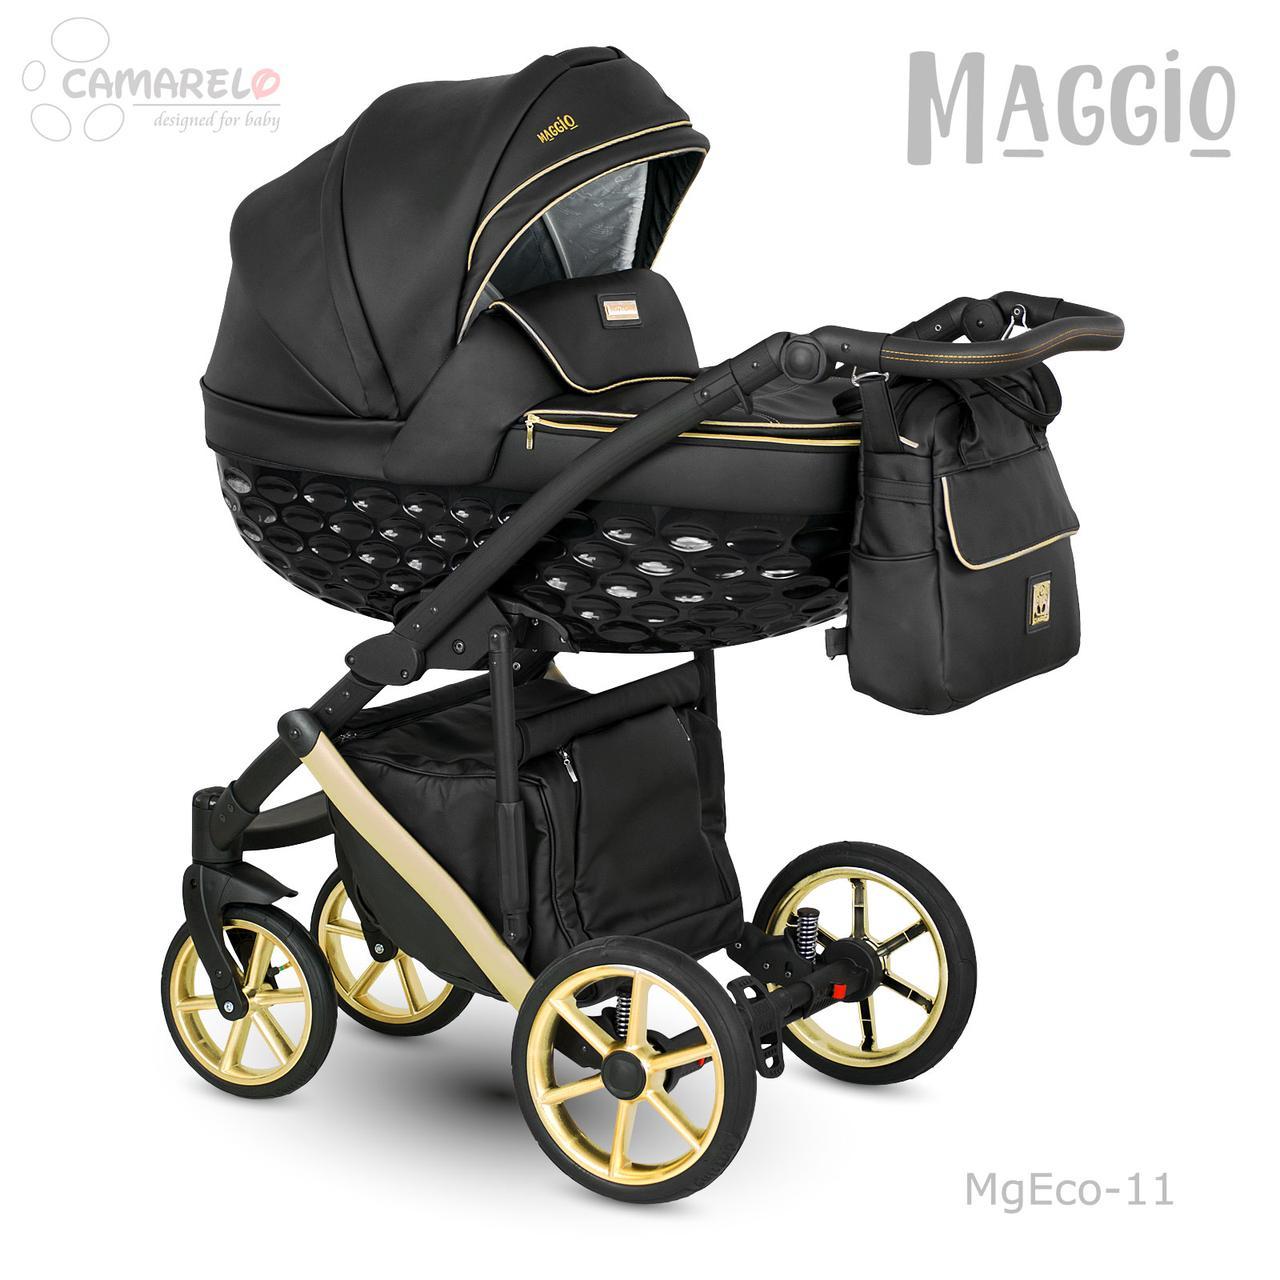 Детская универсальная коляска 2 в 1 Camarelo Maggio MgEco-11